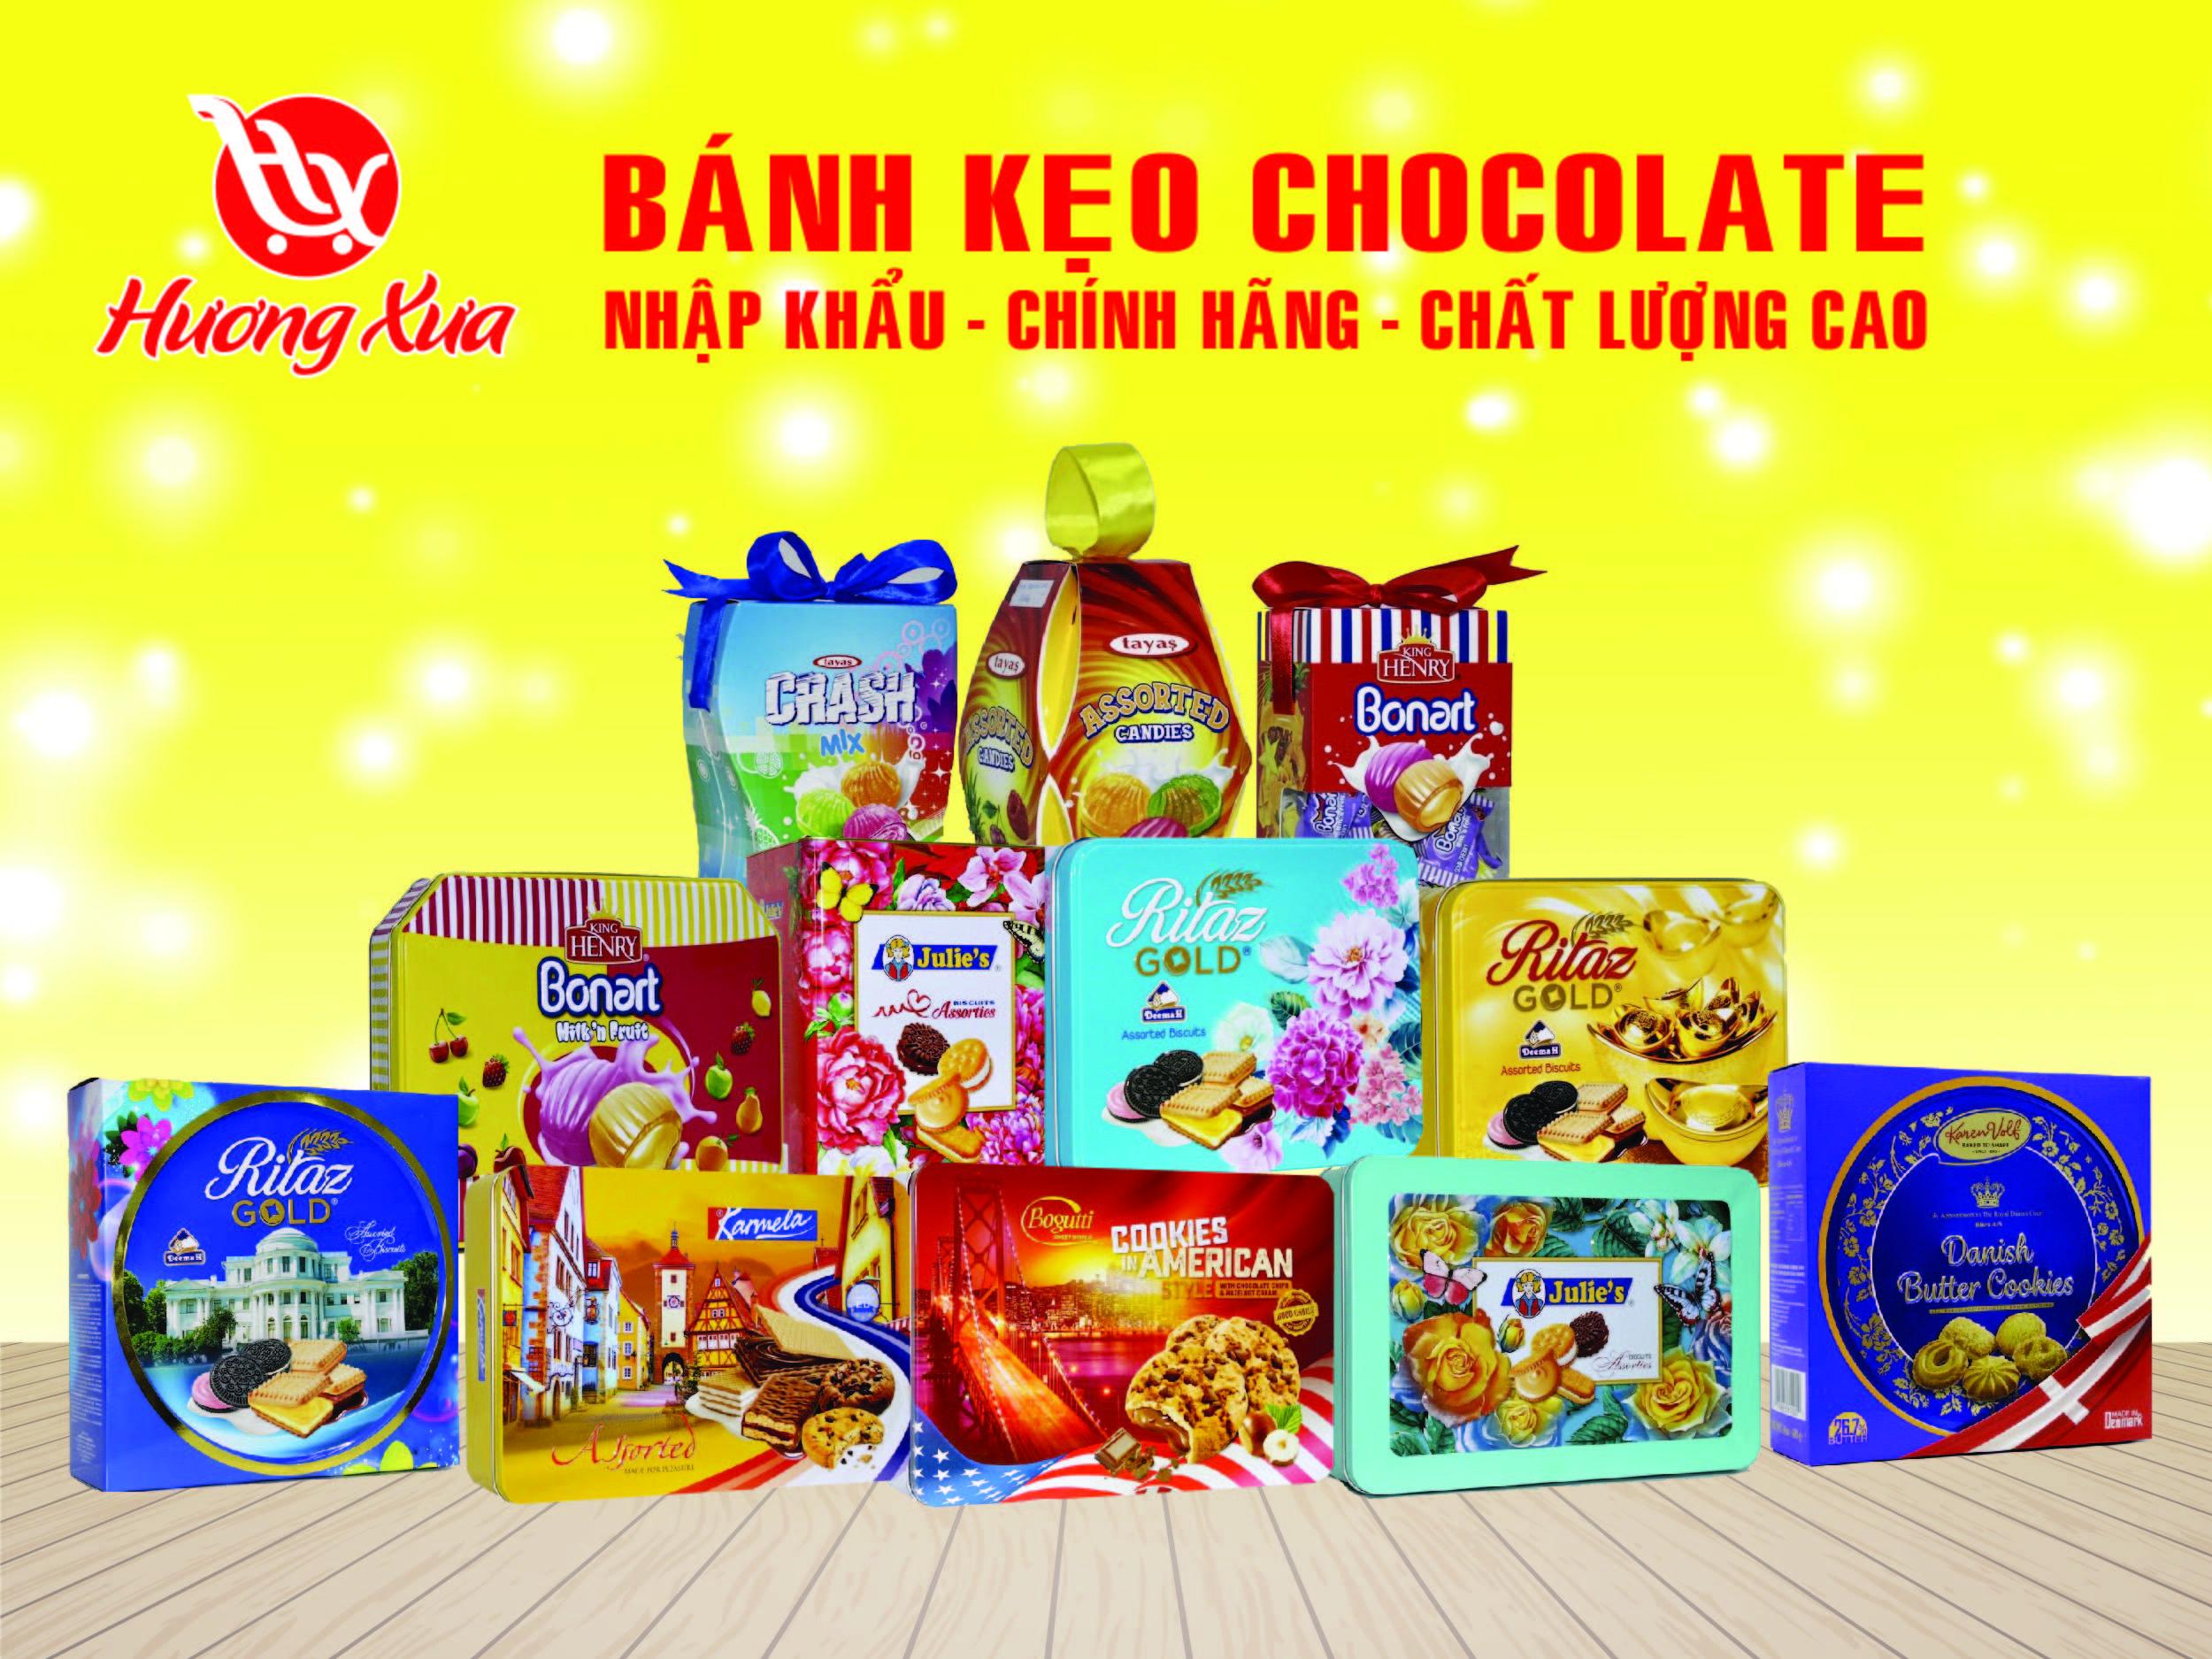 Hương Xưa Shop cung cấp Bánh Kẹo Chocolate Nhập Khẩu